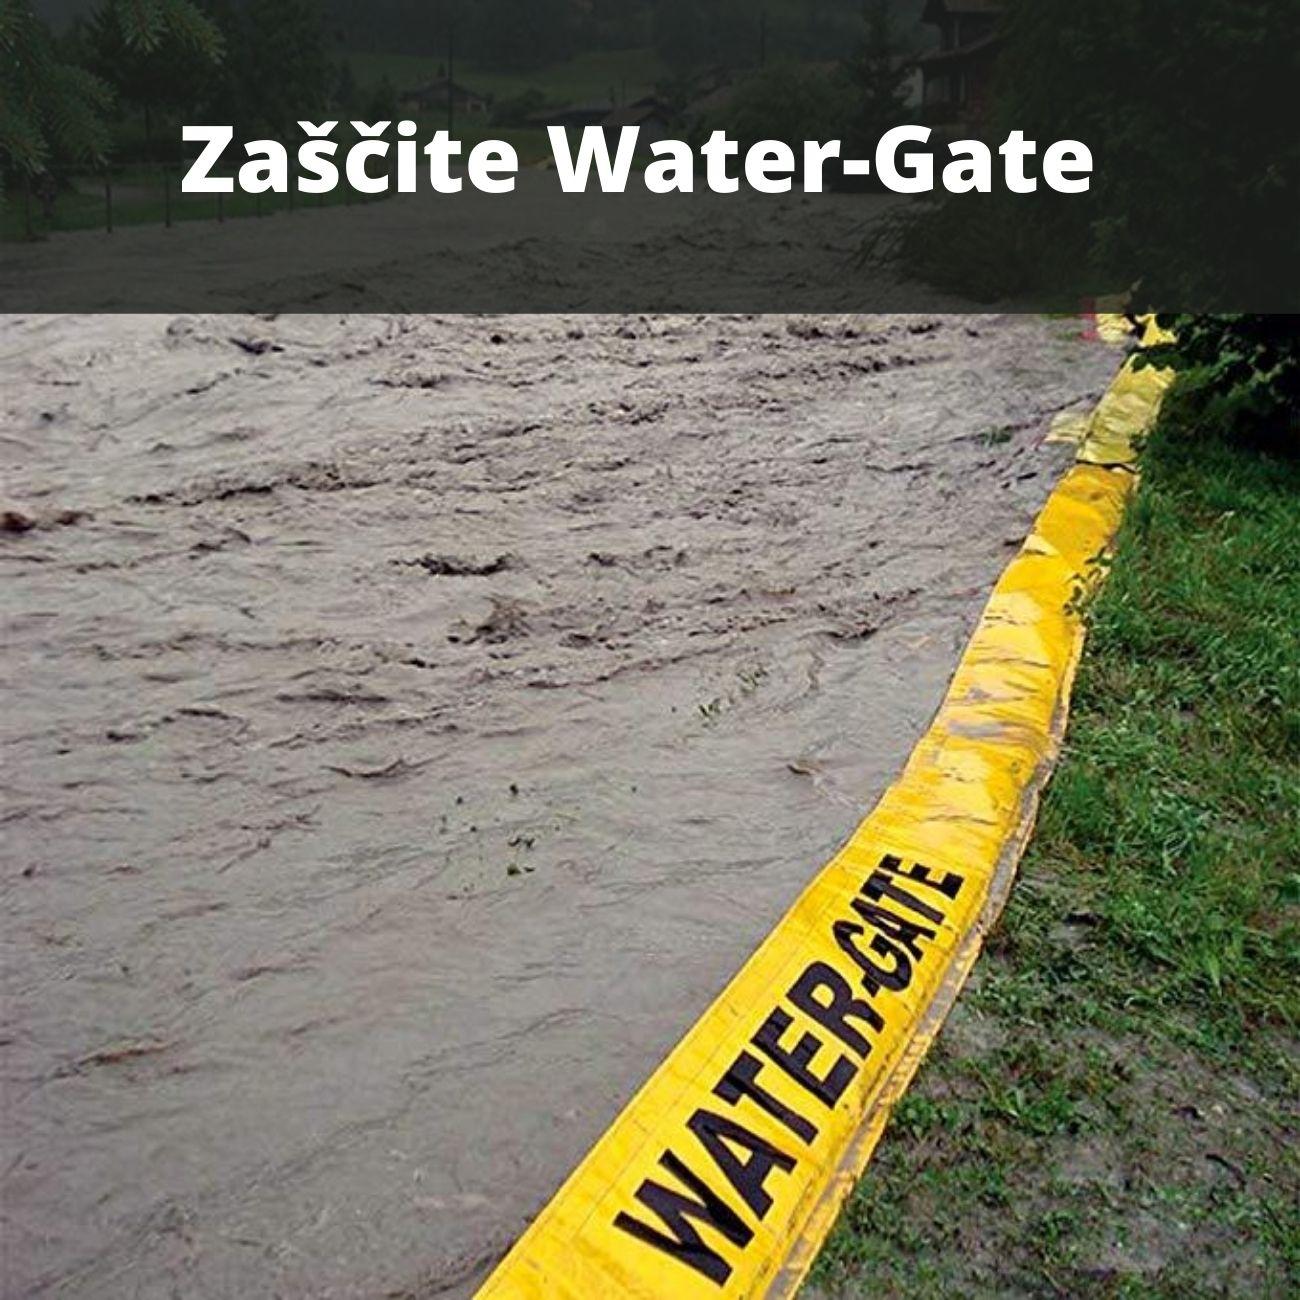 Zaščita Water-Gate - Vistler zaščite